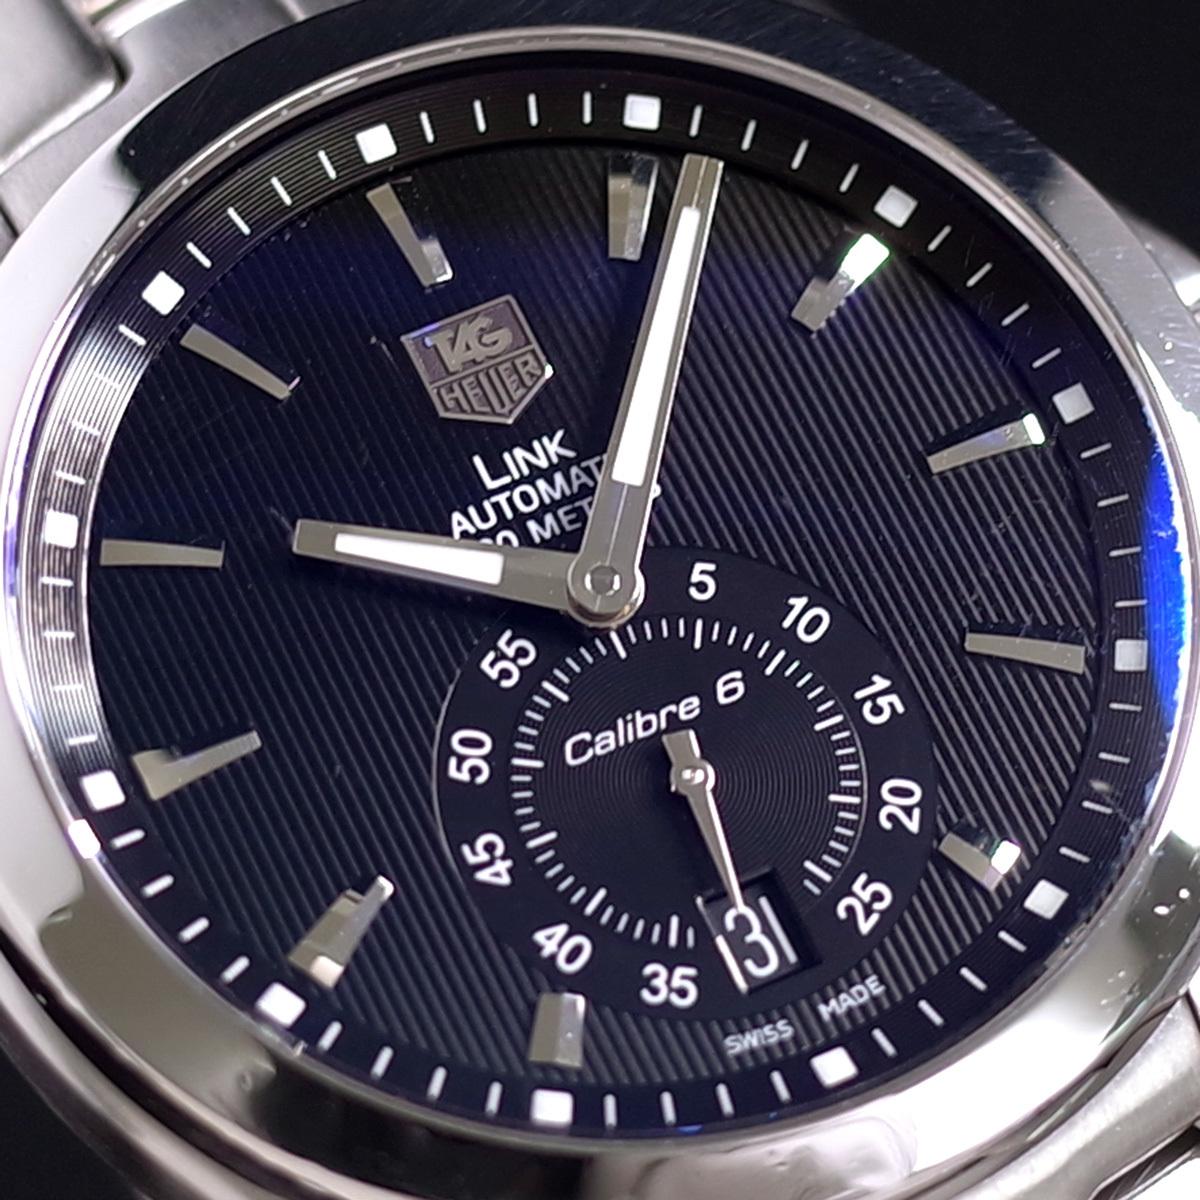 1年保証♪タグホイヤー【リンク】キャリバー6 WJF211A 自動巻 黒文字盤 ブラック ブレスレット 箱 メンズ 腕時計 TAG HEUER_画像5